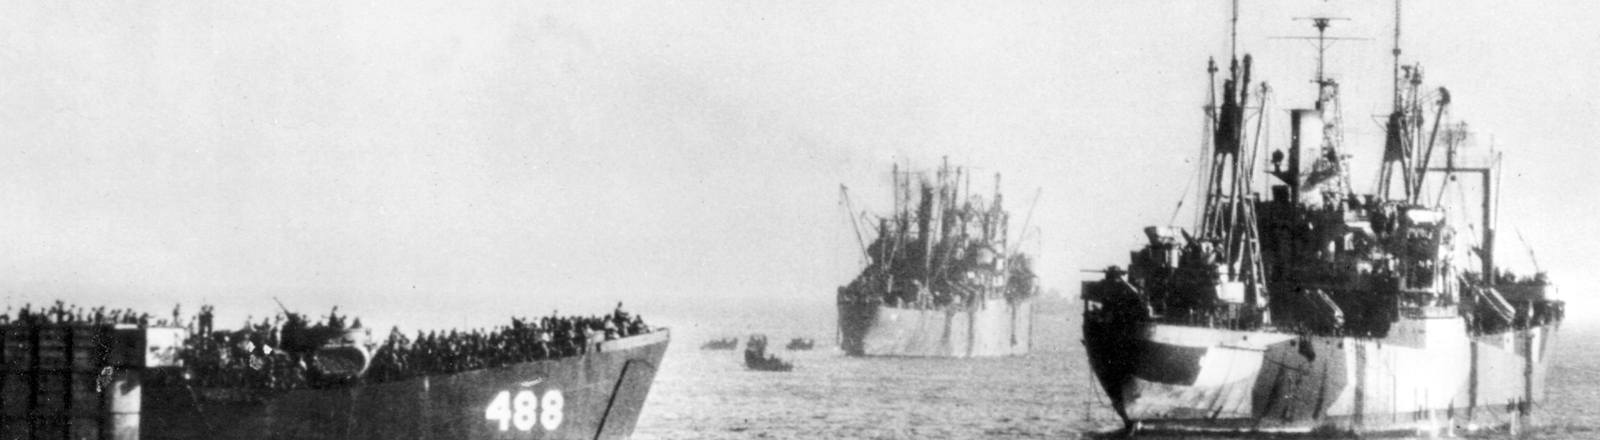 US-Landung auf den Philippinen - Die US-amerikanische Invasionsflotte vor Luzon, der Hauptinsel der Philippinen. Aufnahme vom Januar 1945.